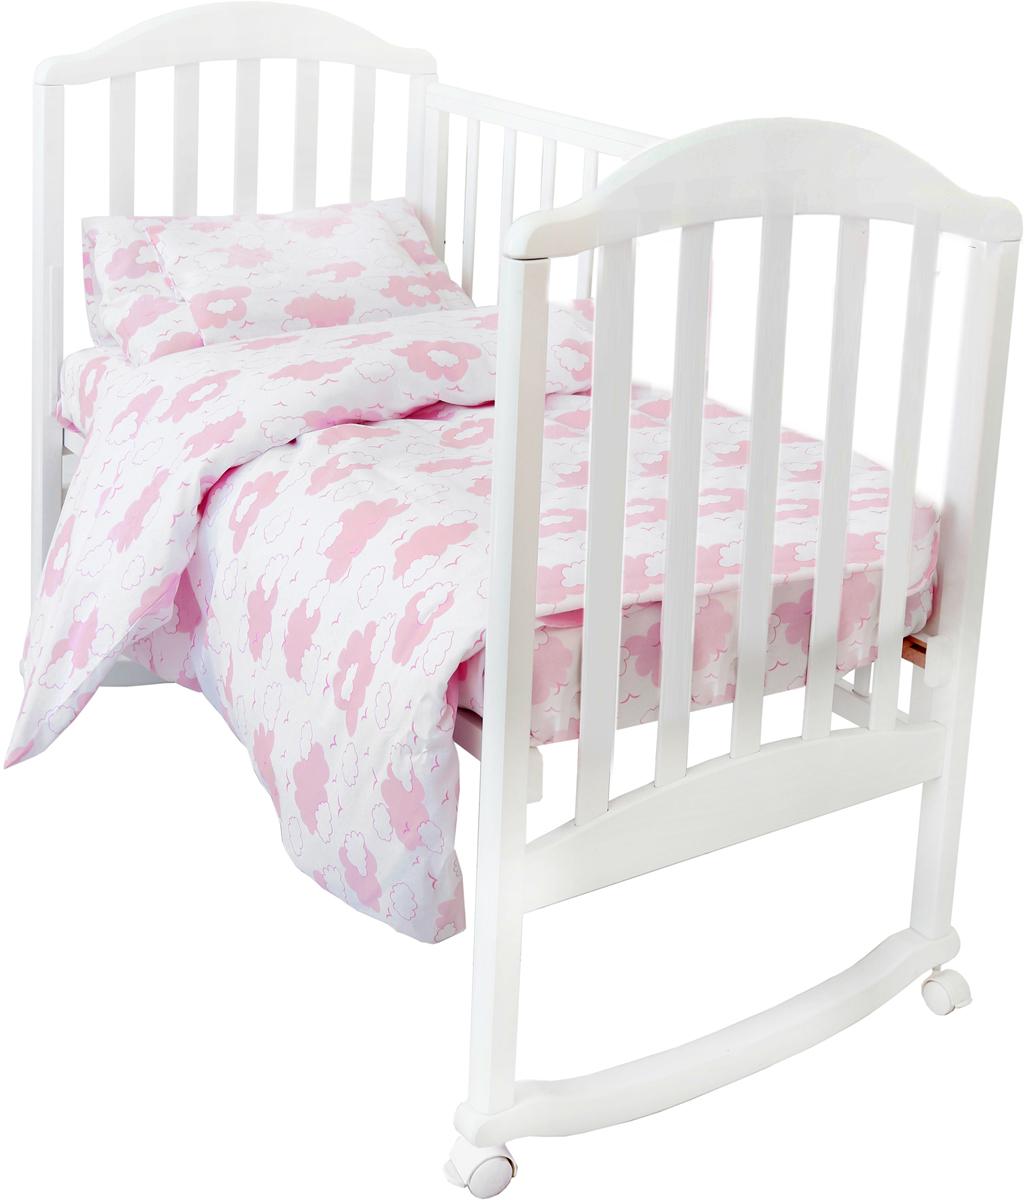 Споки Ноки Комплект в кроватку Облака цвет розовый 3 предмета споки ноки борт в кроватку с органайзером облака цвет голубой